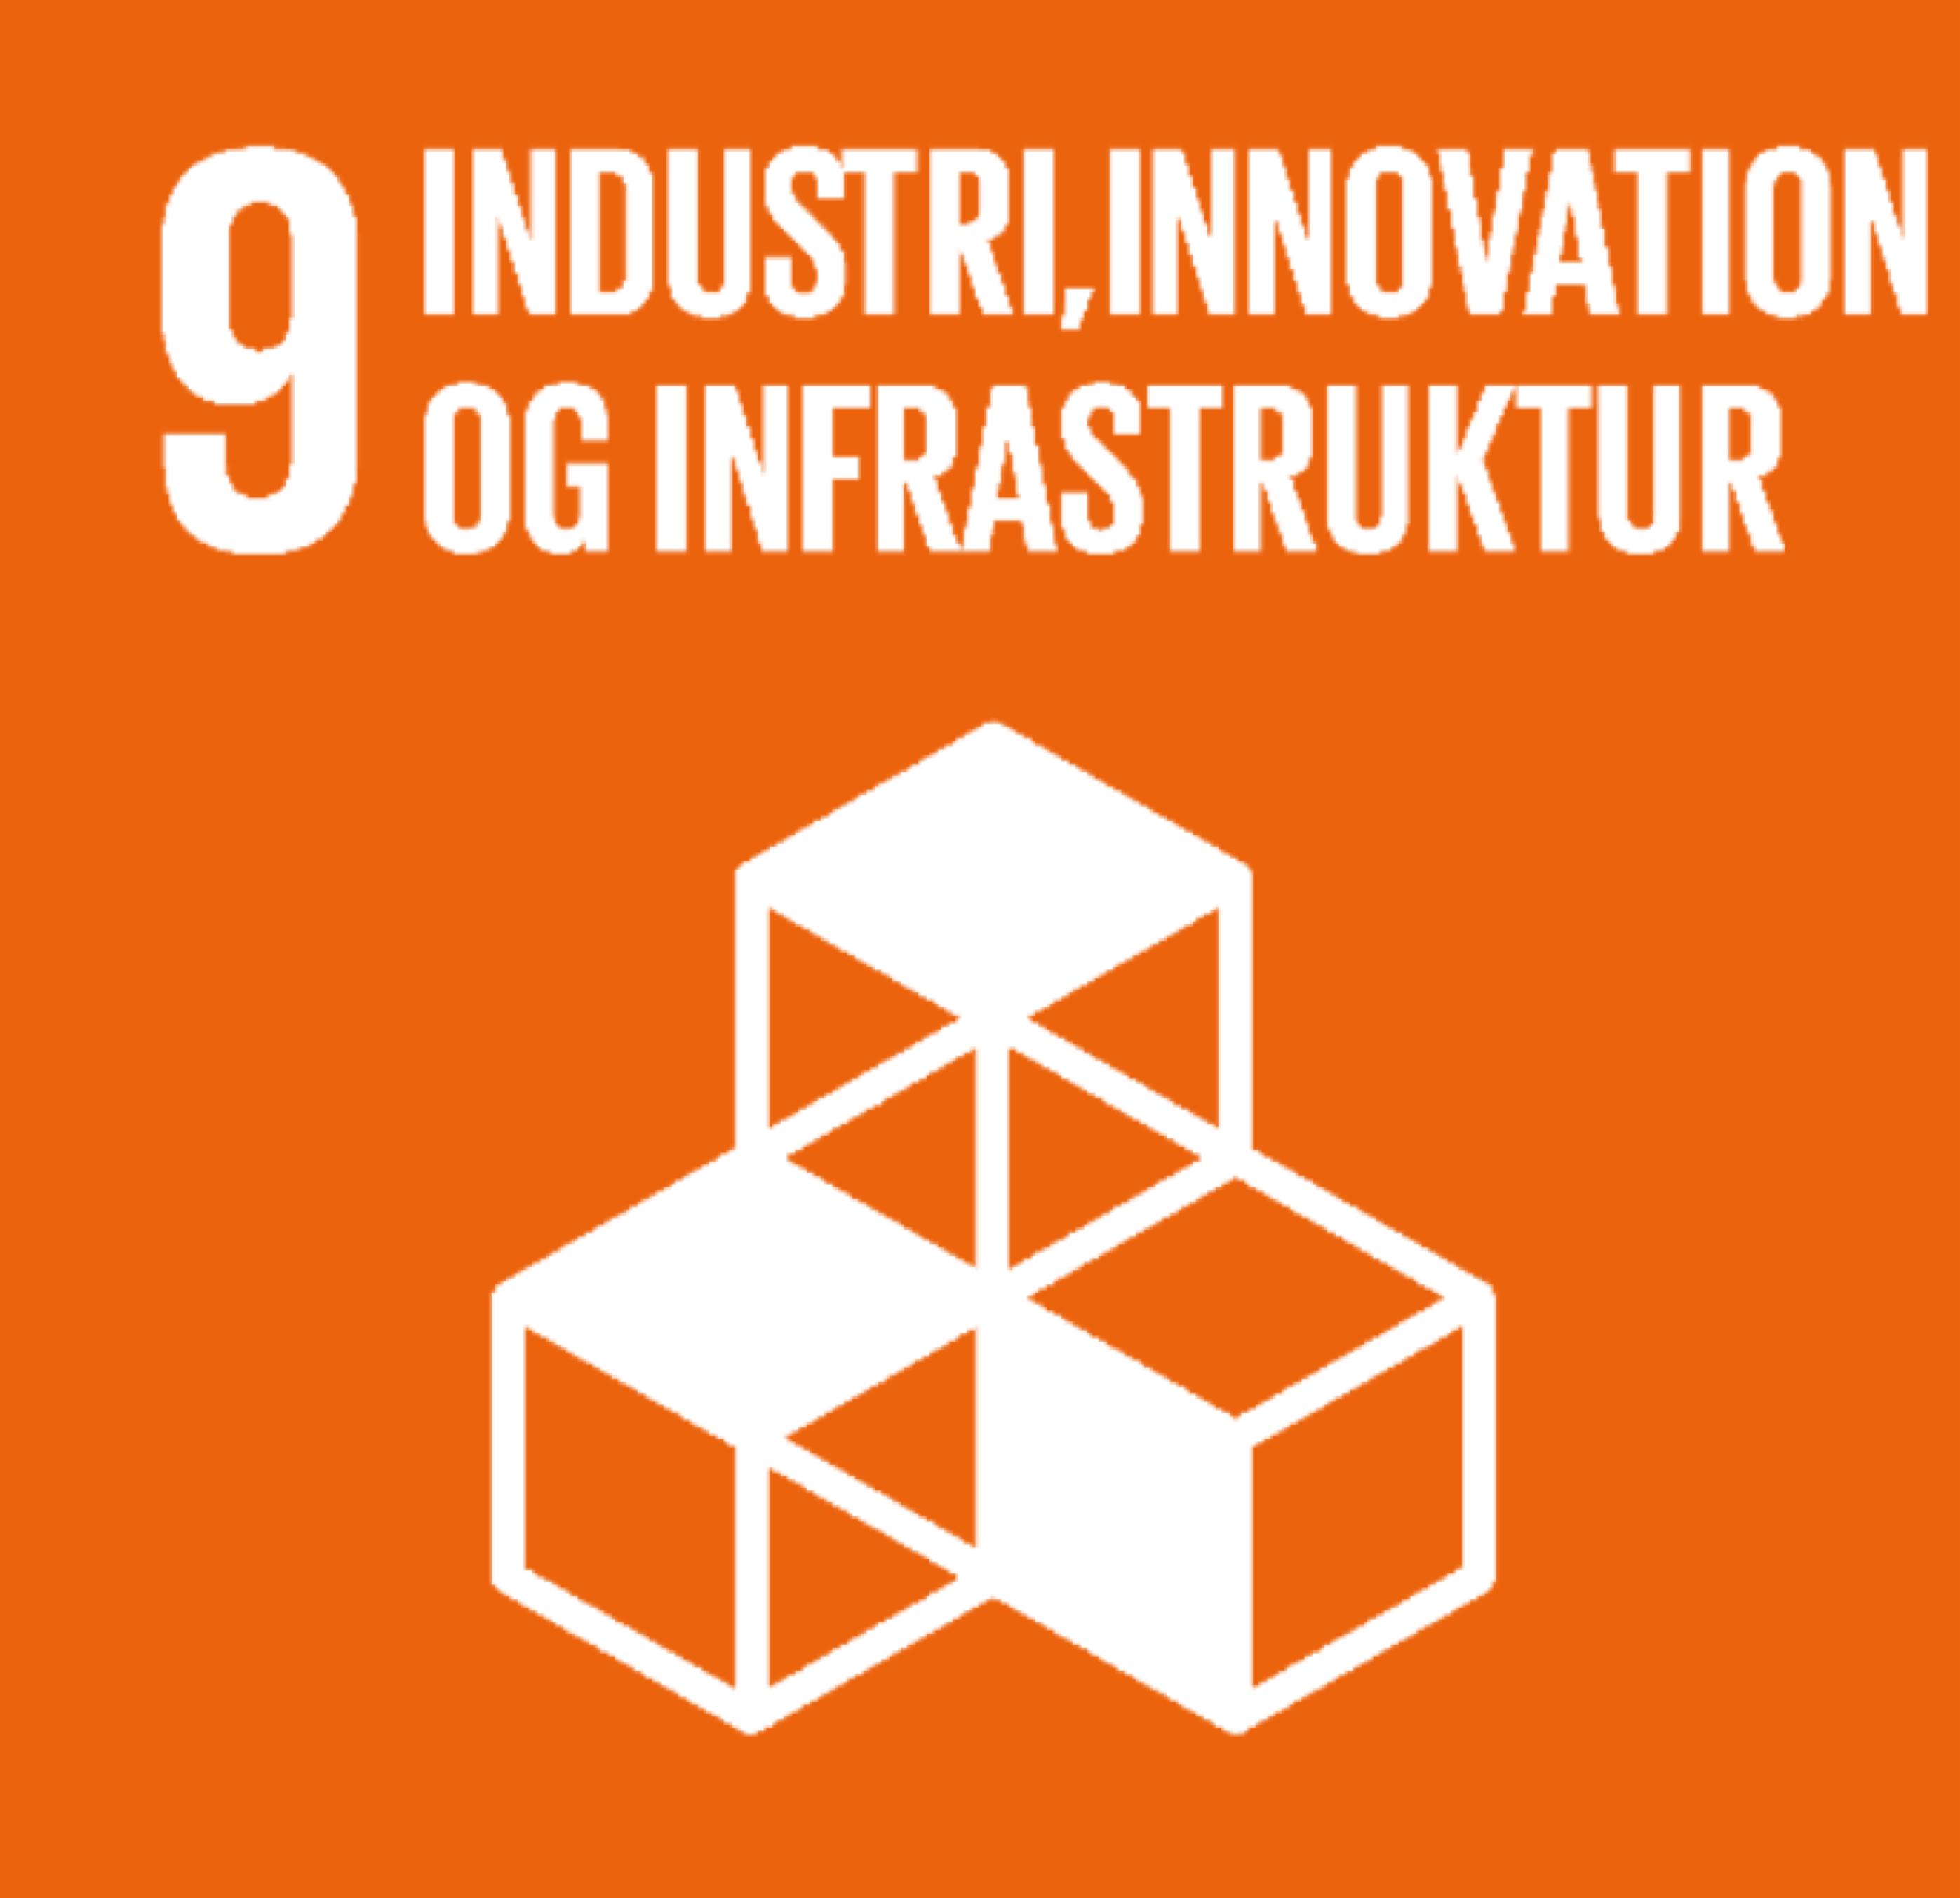 Industri, innovation og infrastruktur